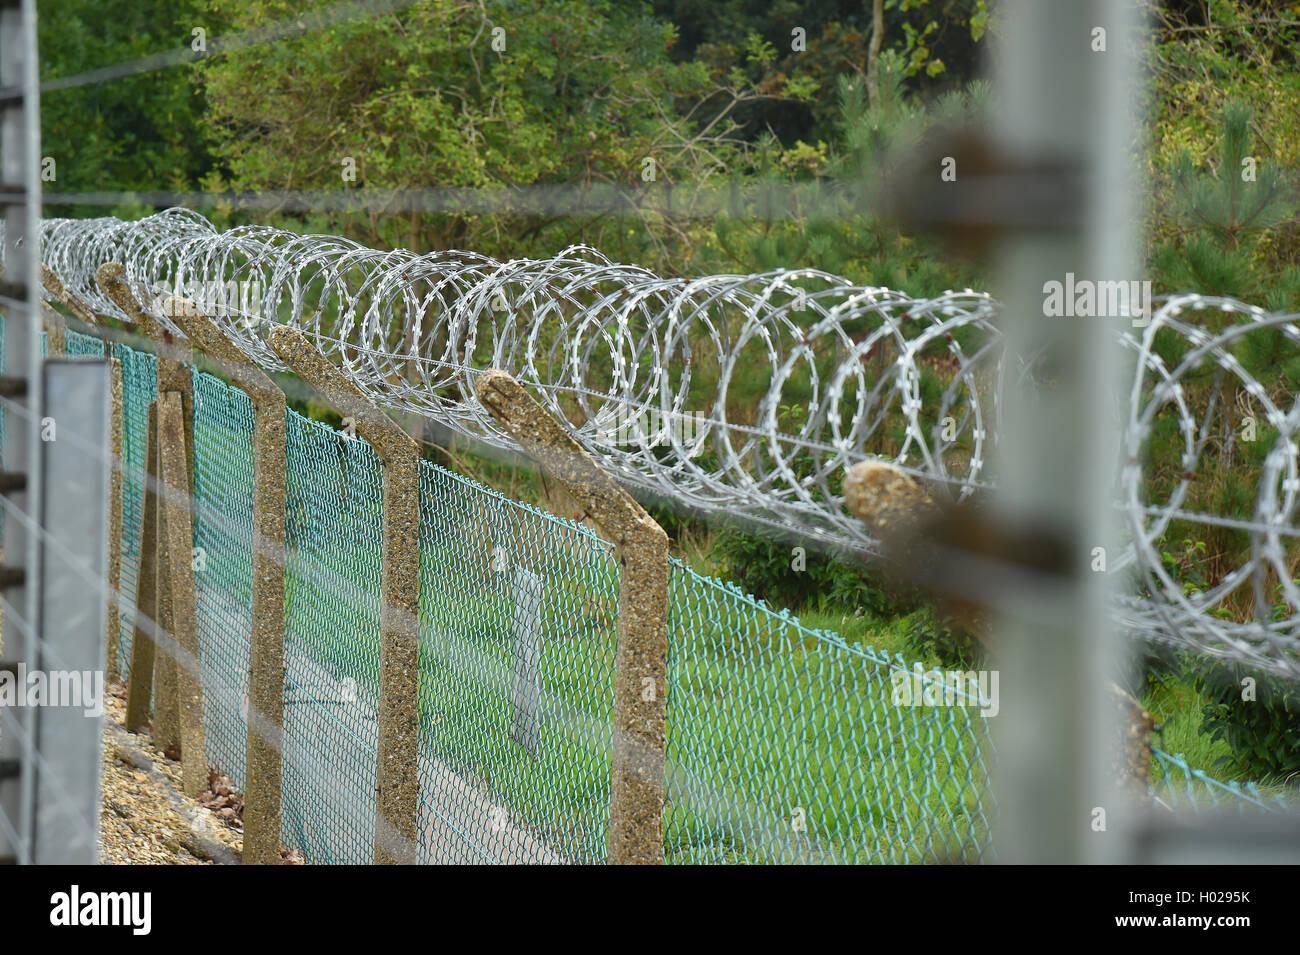 Elektrifizierte Sicherheit Zaun gute Tiefenschärfe Tiefenbild. Stockbild